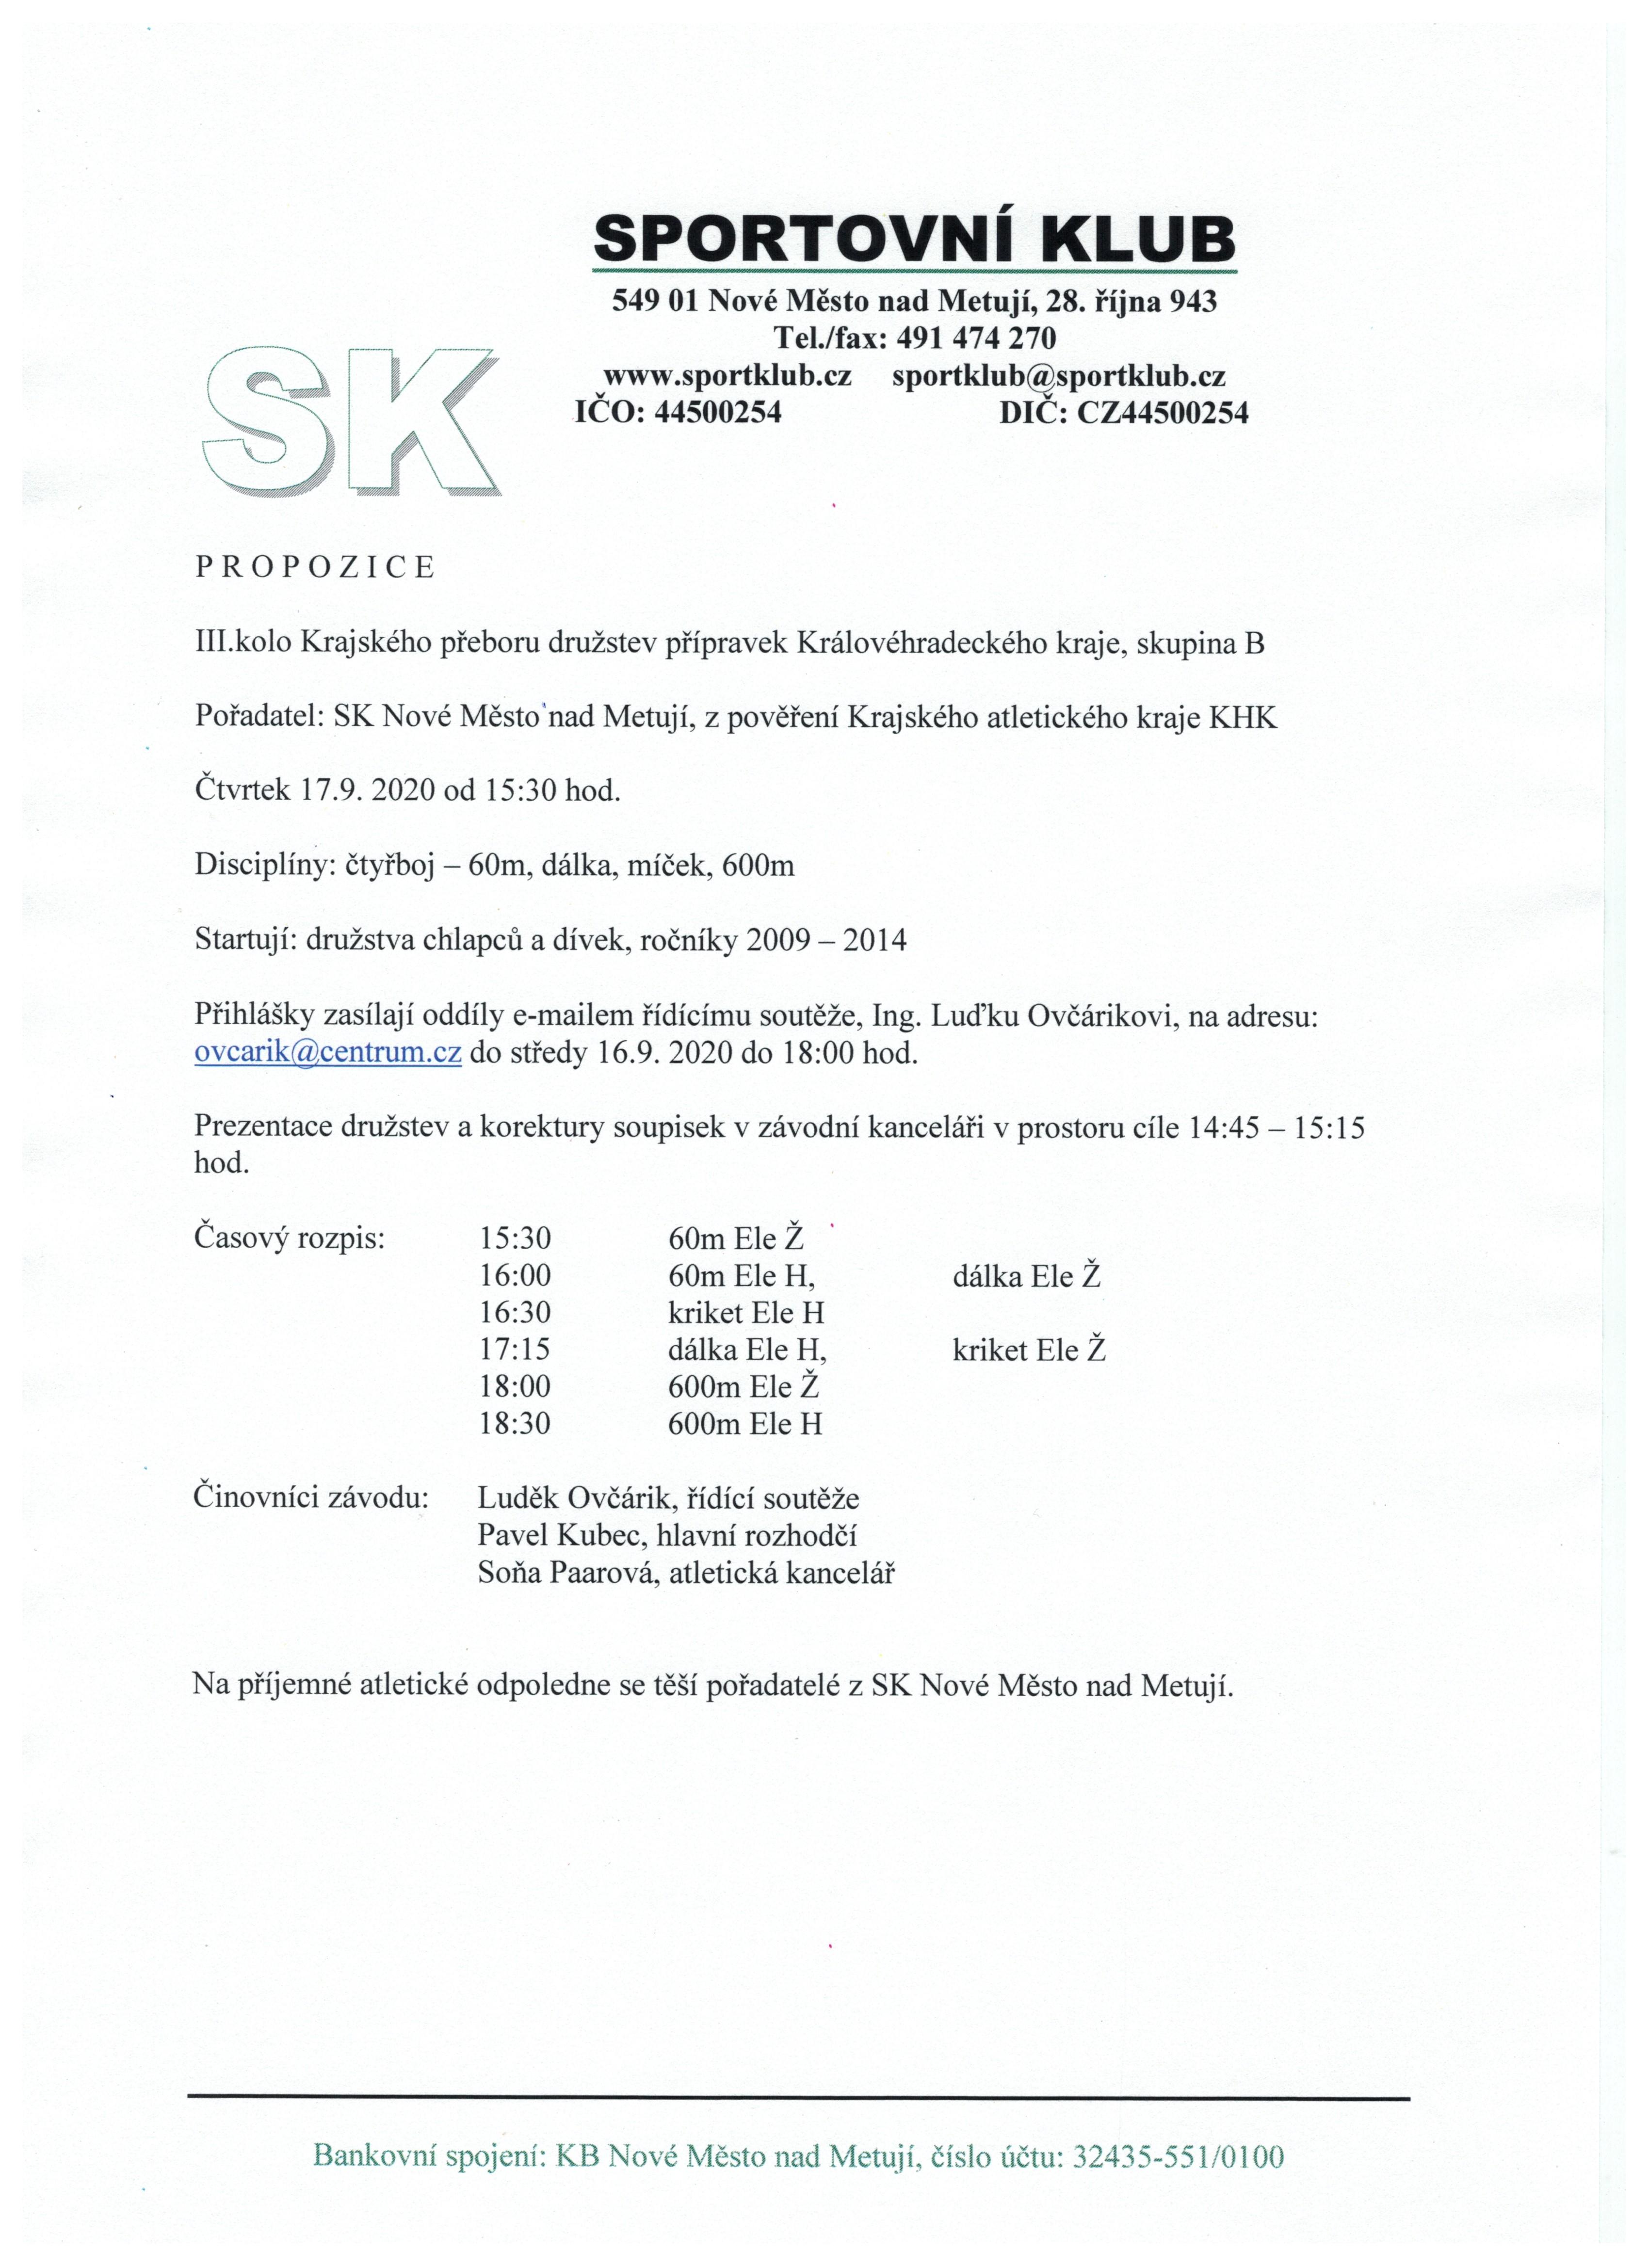 Skener_20200909